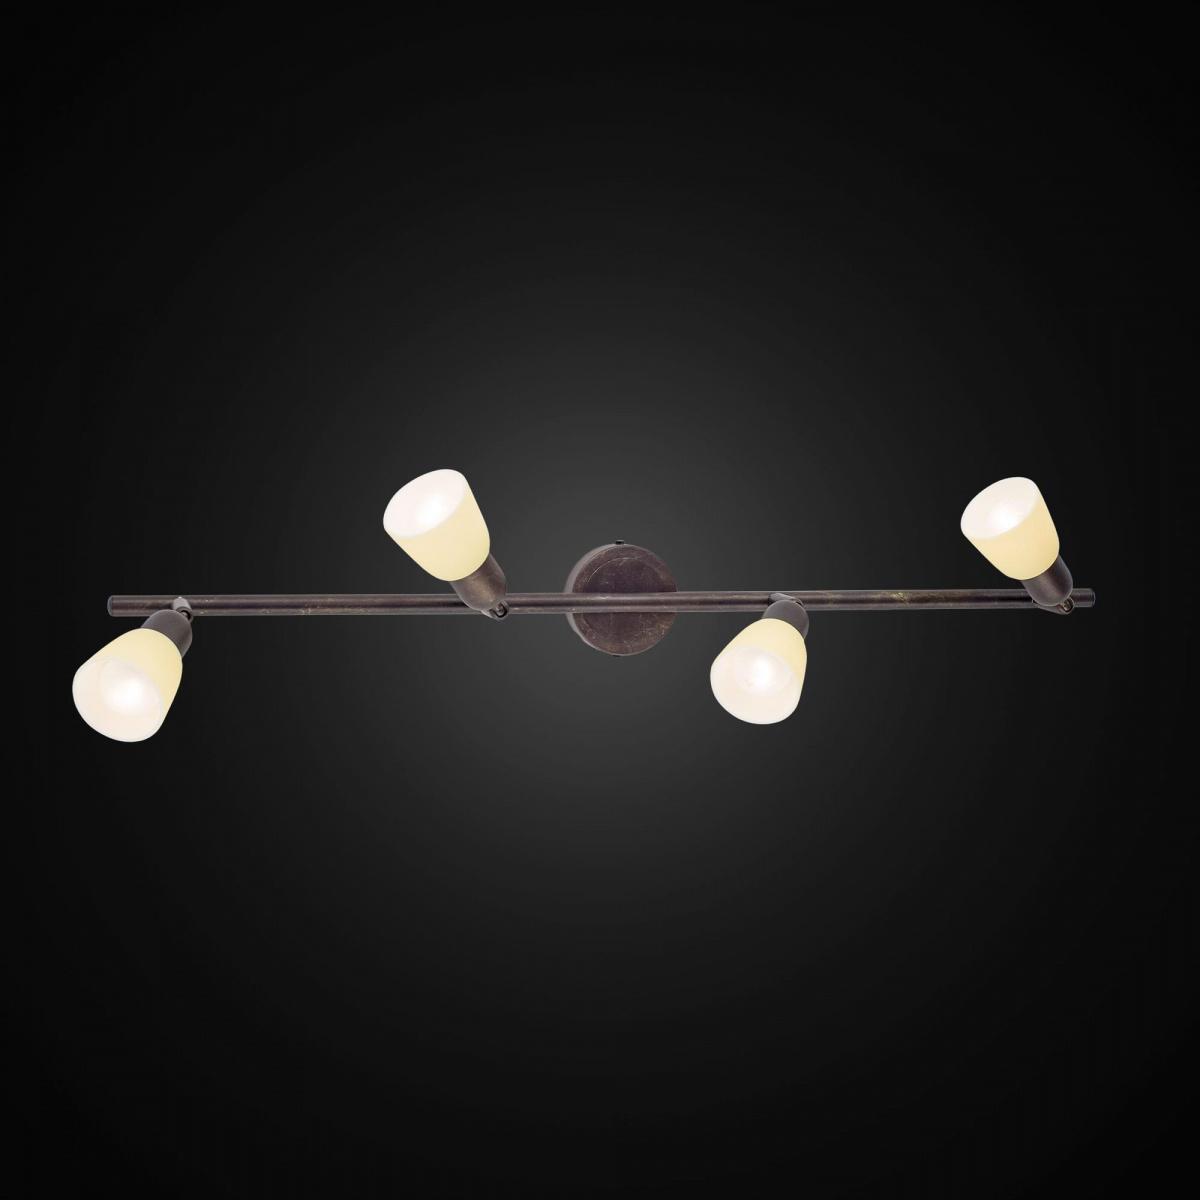 Потолочный светильник с регулировкой направления света Citilux Ронда CL506544, 4xE14x60W, коричневый, бежевый, металл, стекло - фото 2